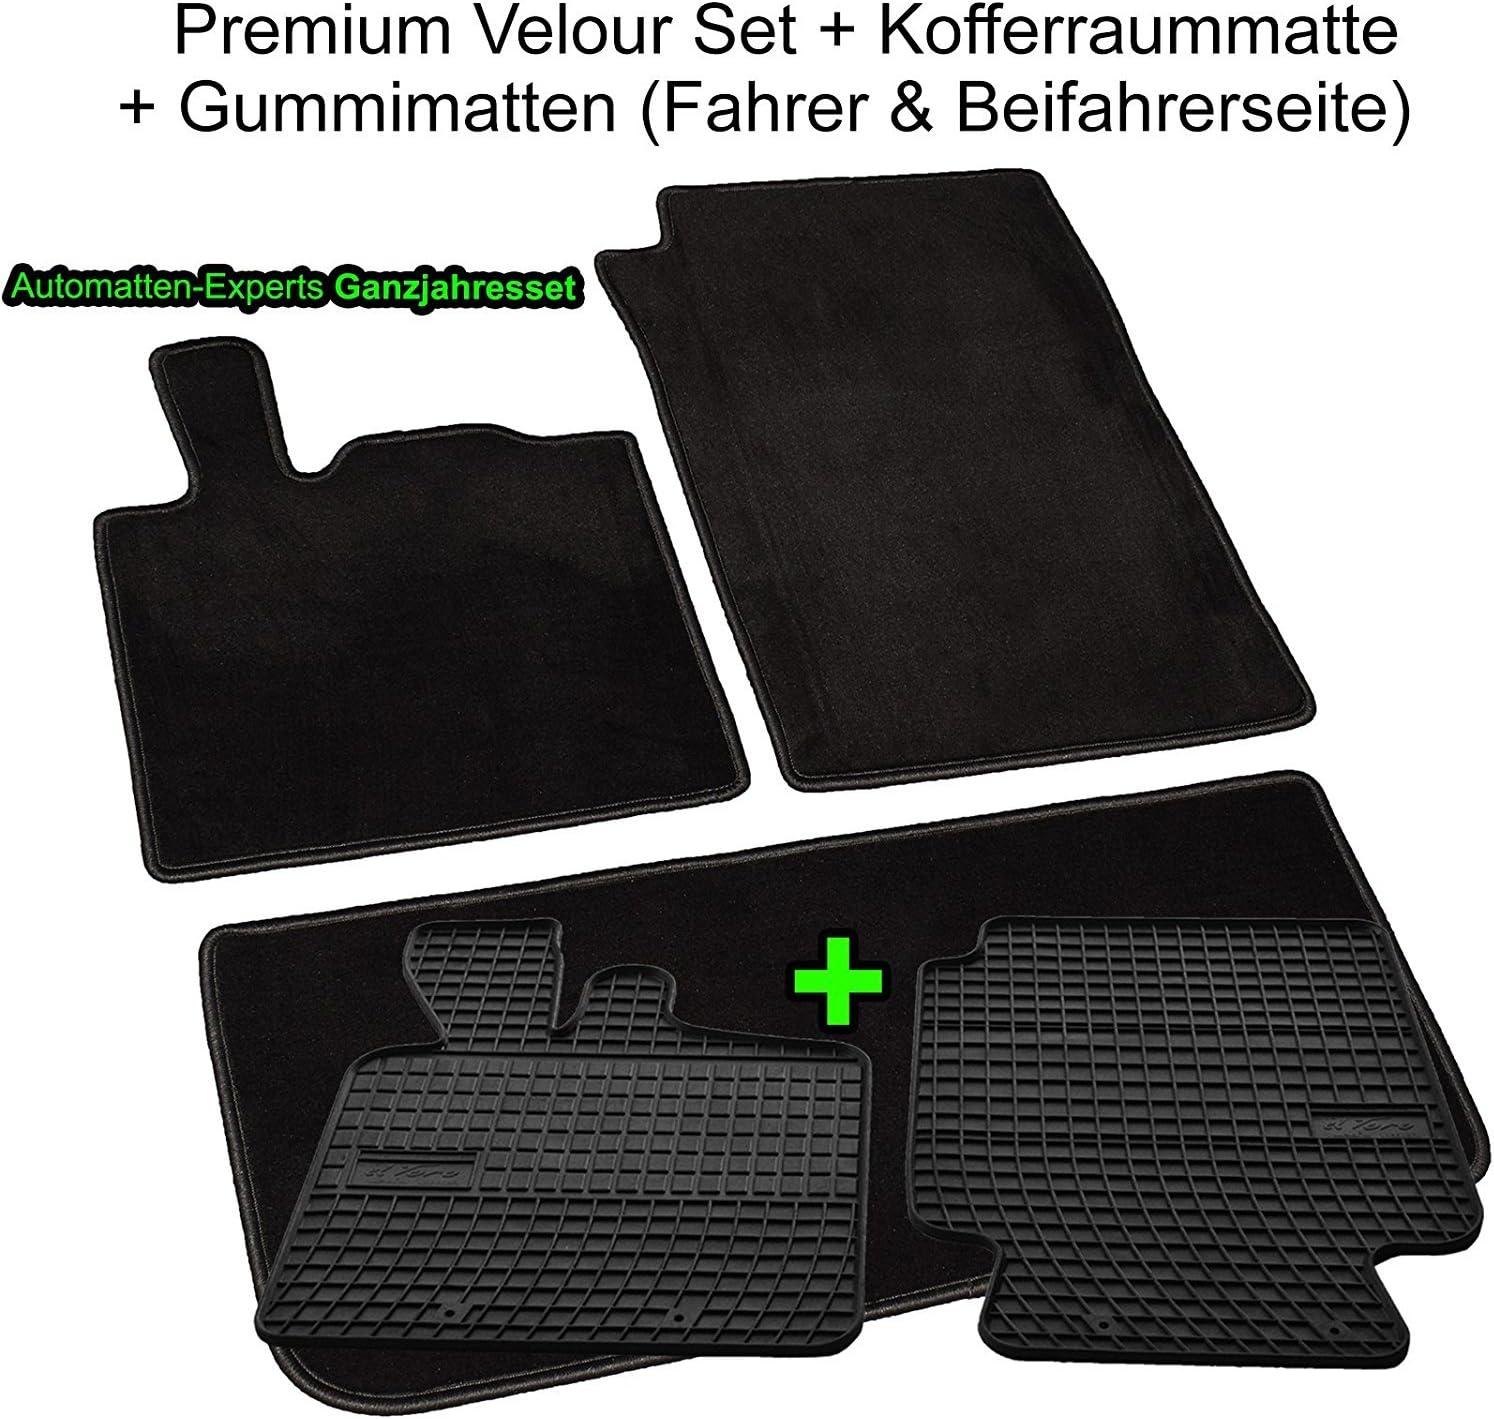 AME Auto-Gummimatten Fu/ßmatten Passgenau und mit Anti-Rutsch-Oberfl/äche 0454et Geruch-vermindert